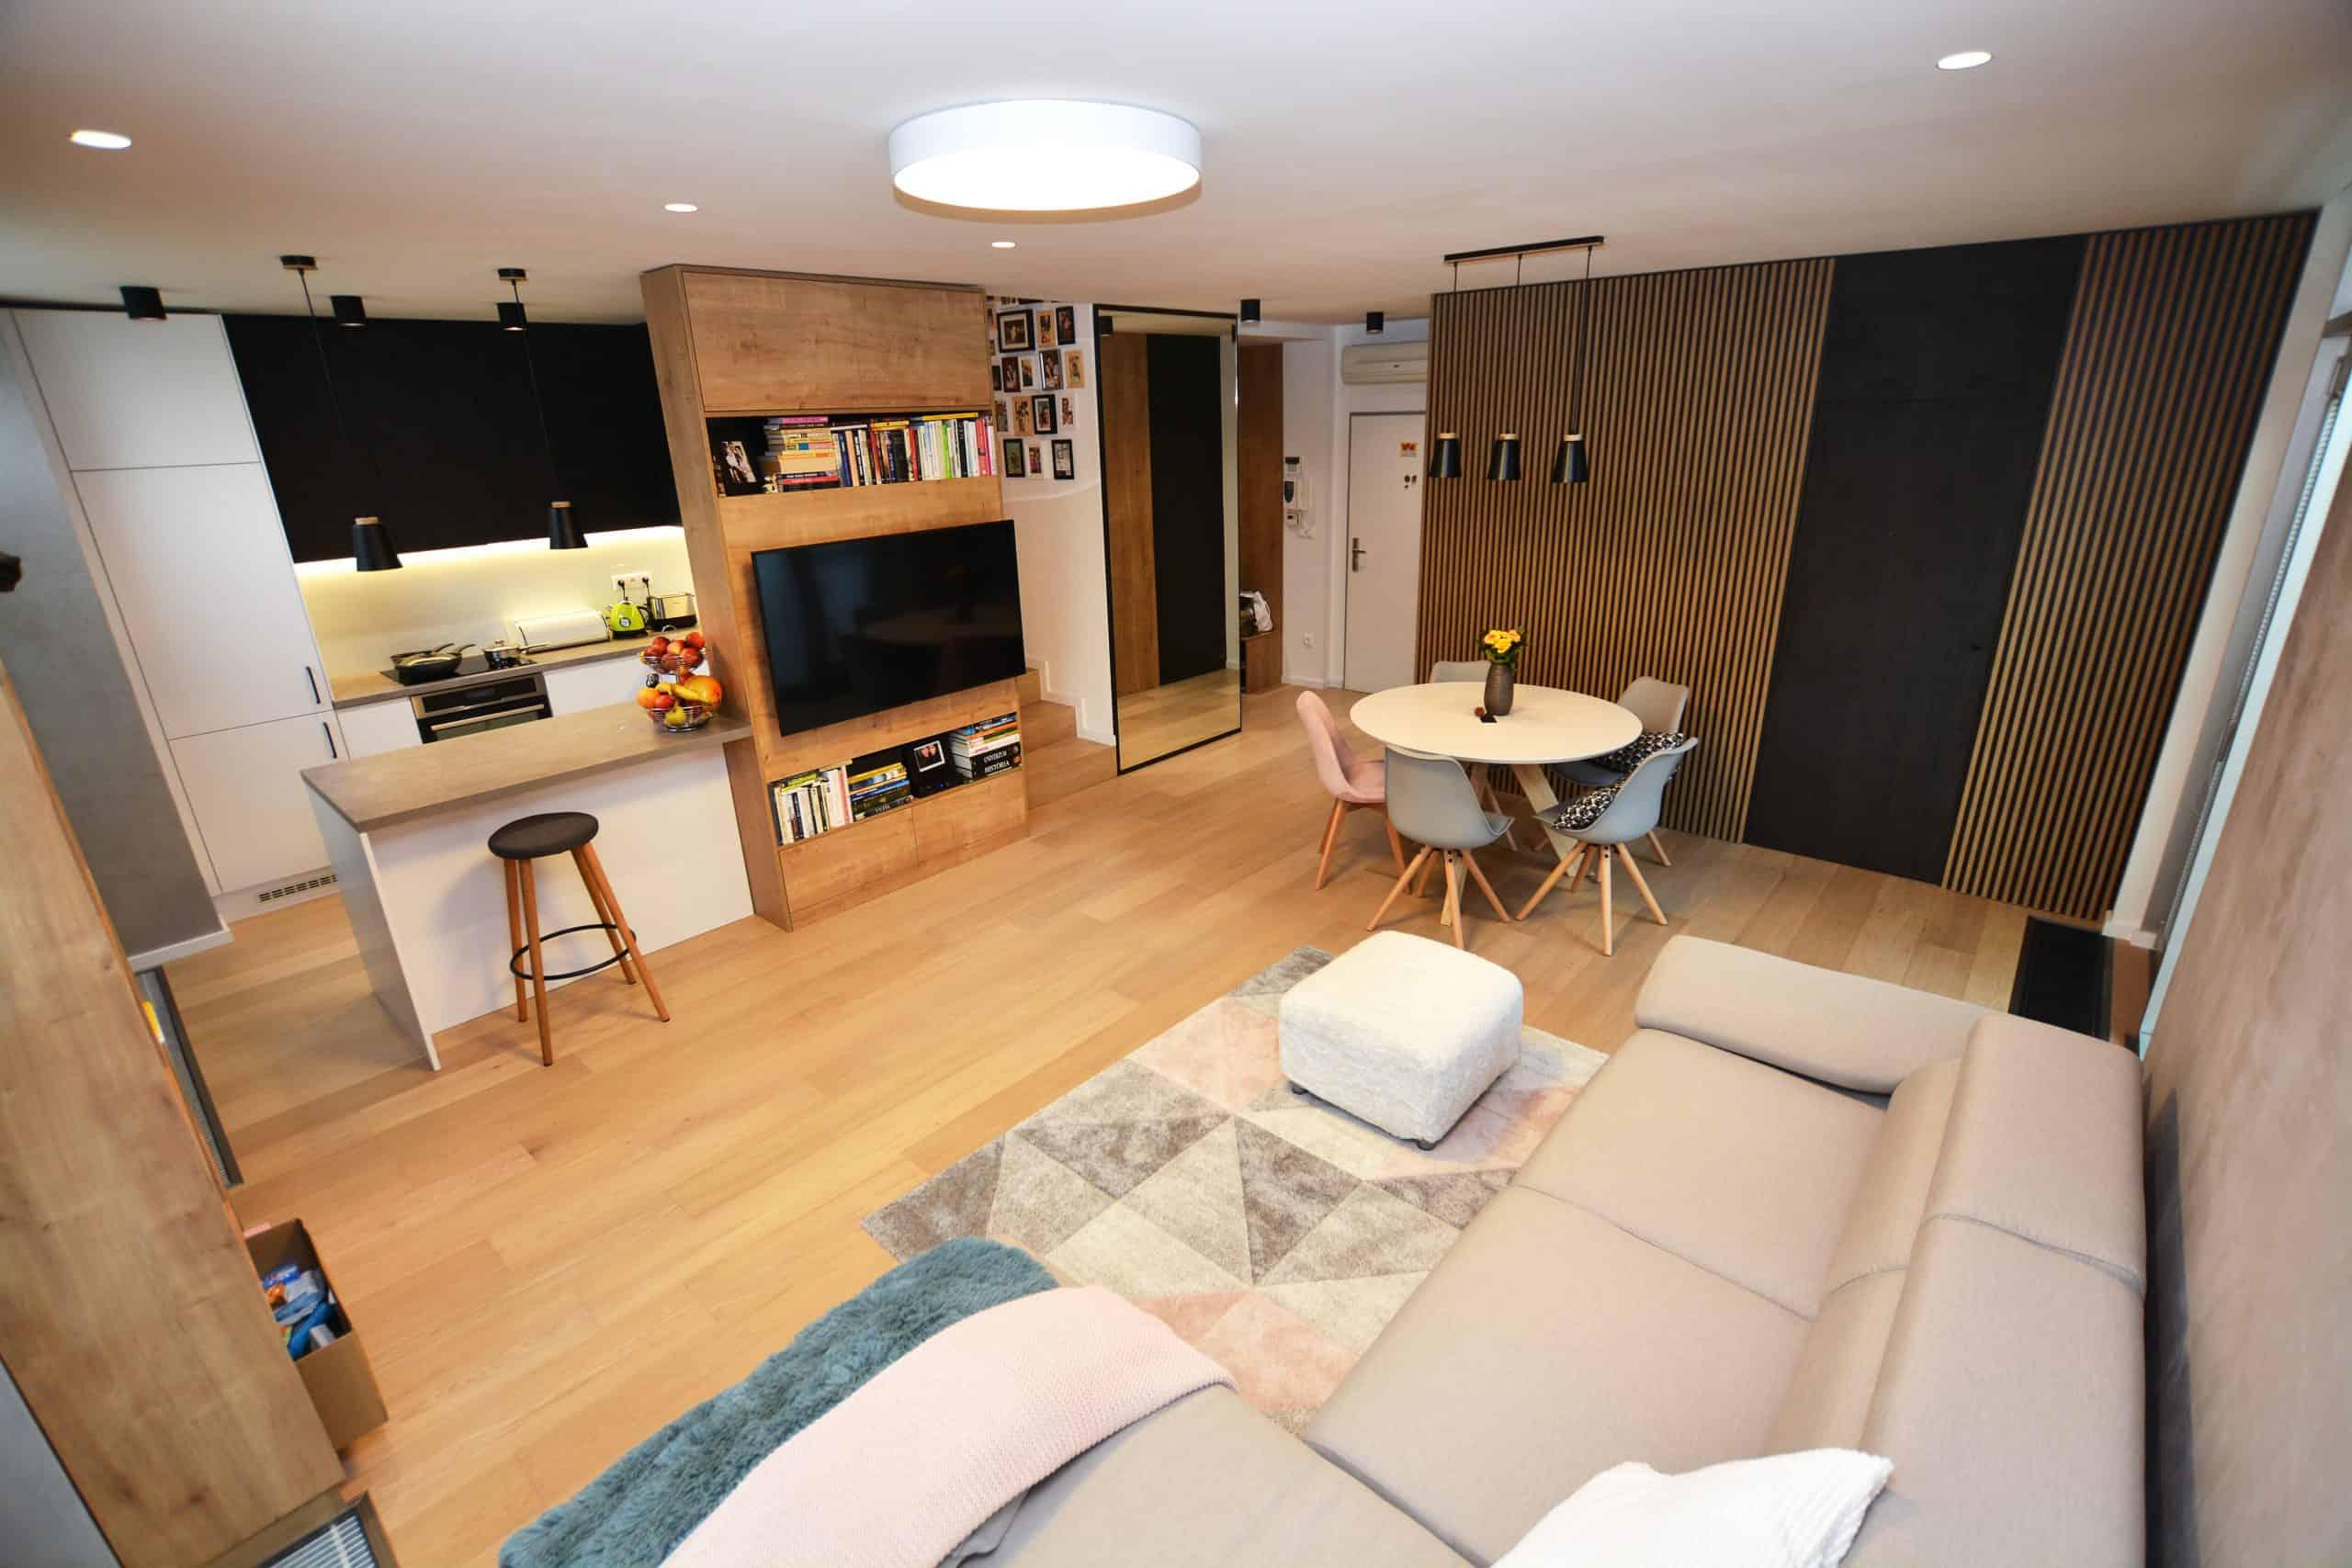 moderna kuchyna namieru 1 scaled